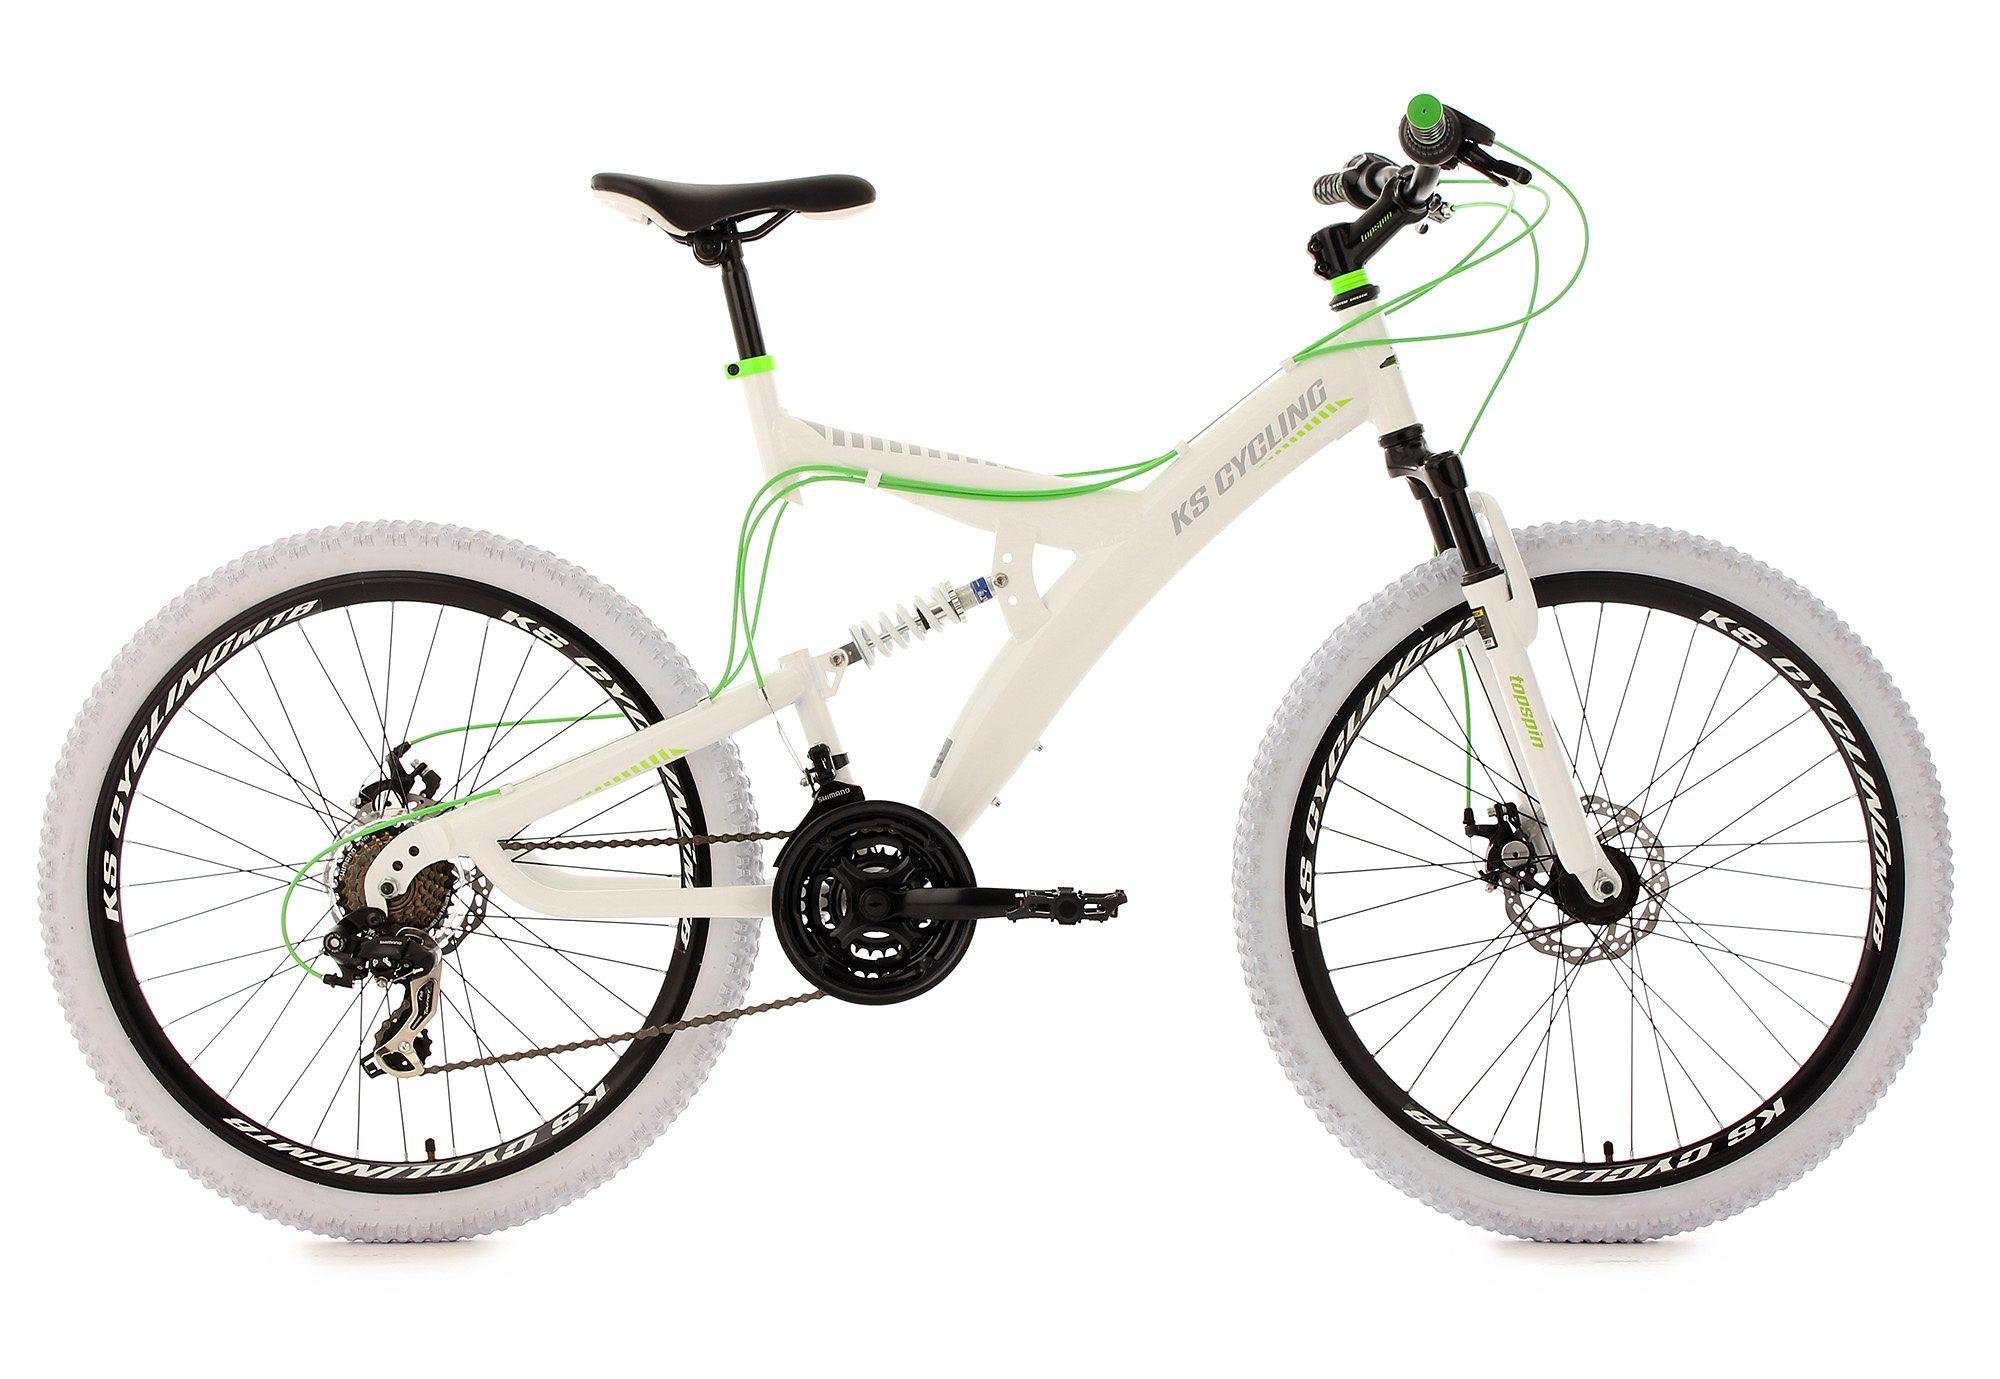 KS Cycling Fully-Mountainbike, 26 Zoll, weiß-grün, 21-Gang-Kettenschaltung, »Topspin«